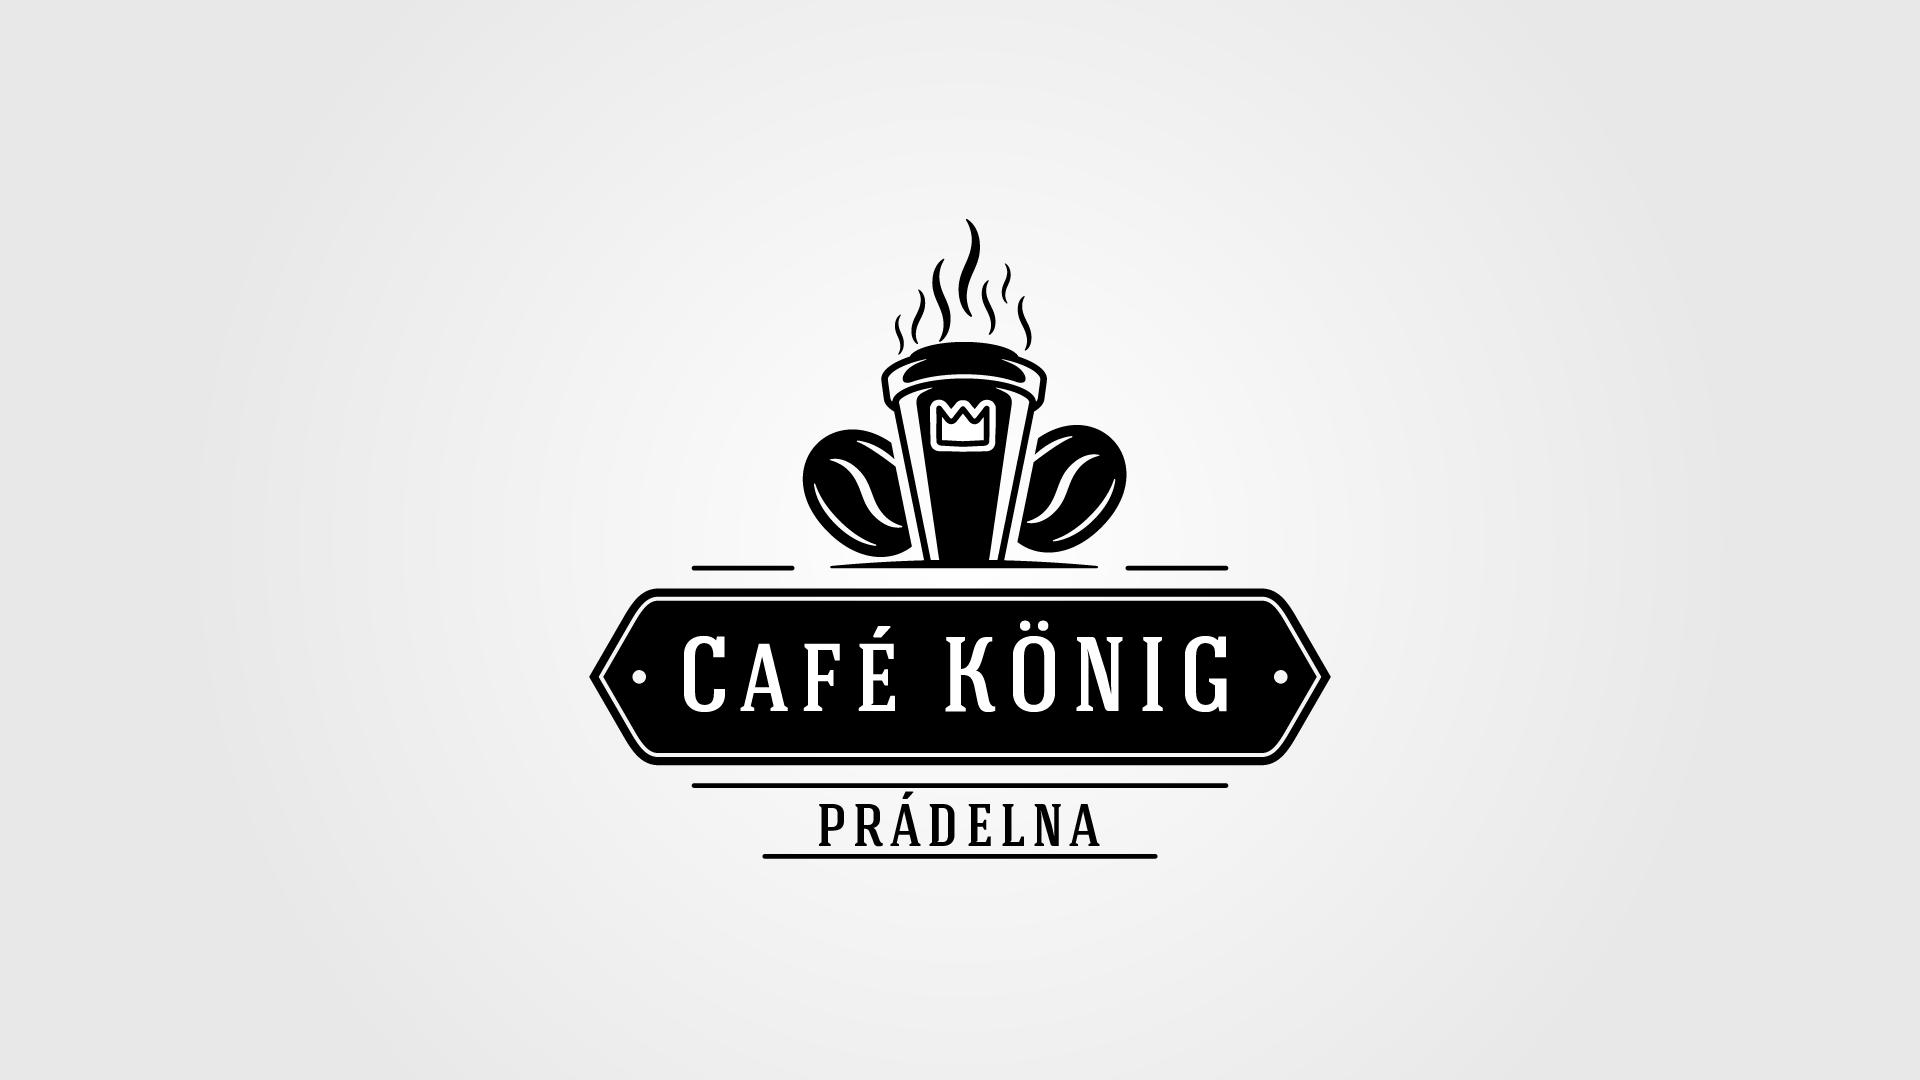 Caffe König